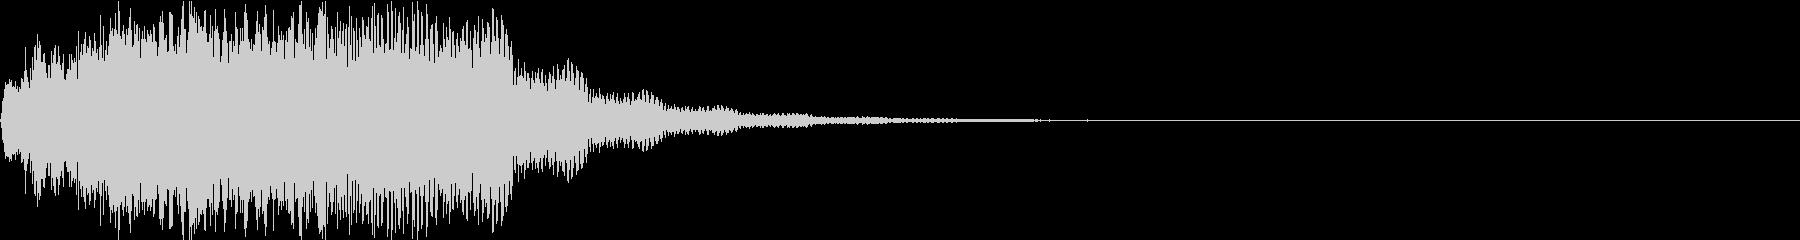 プーン・サイレン・ブザー・キュイーンの未再生の波形